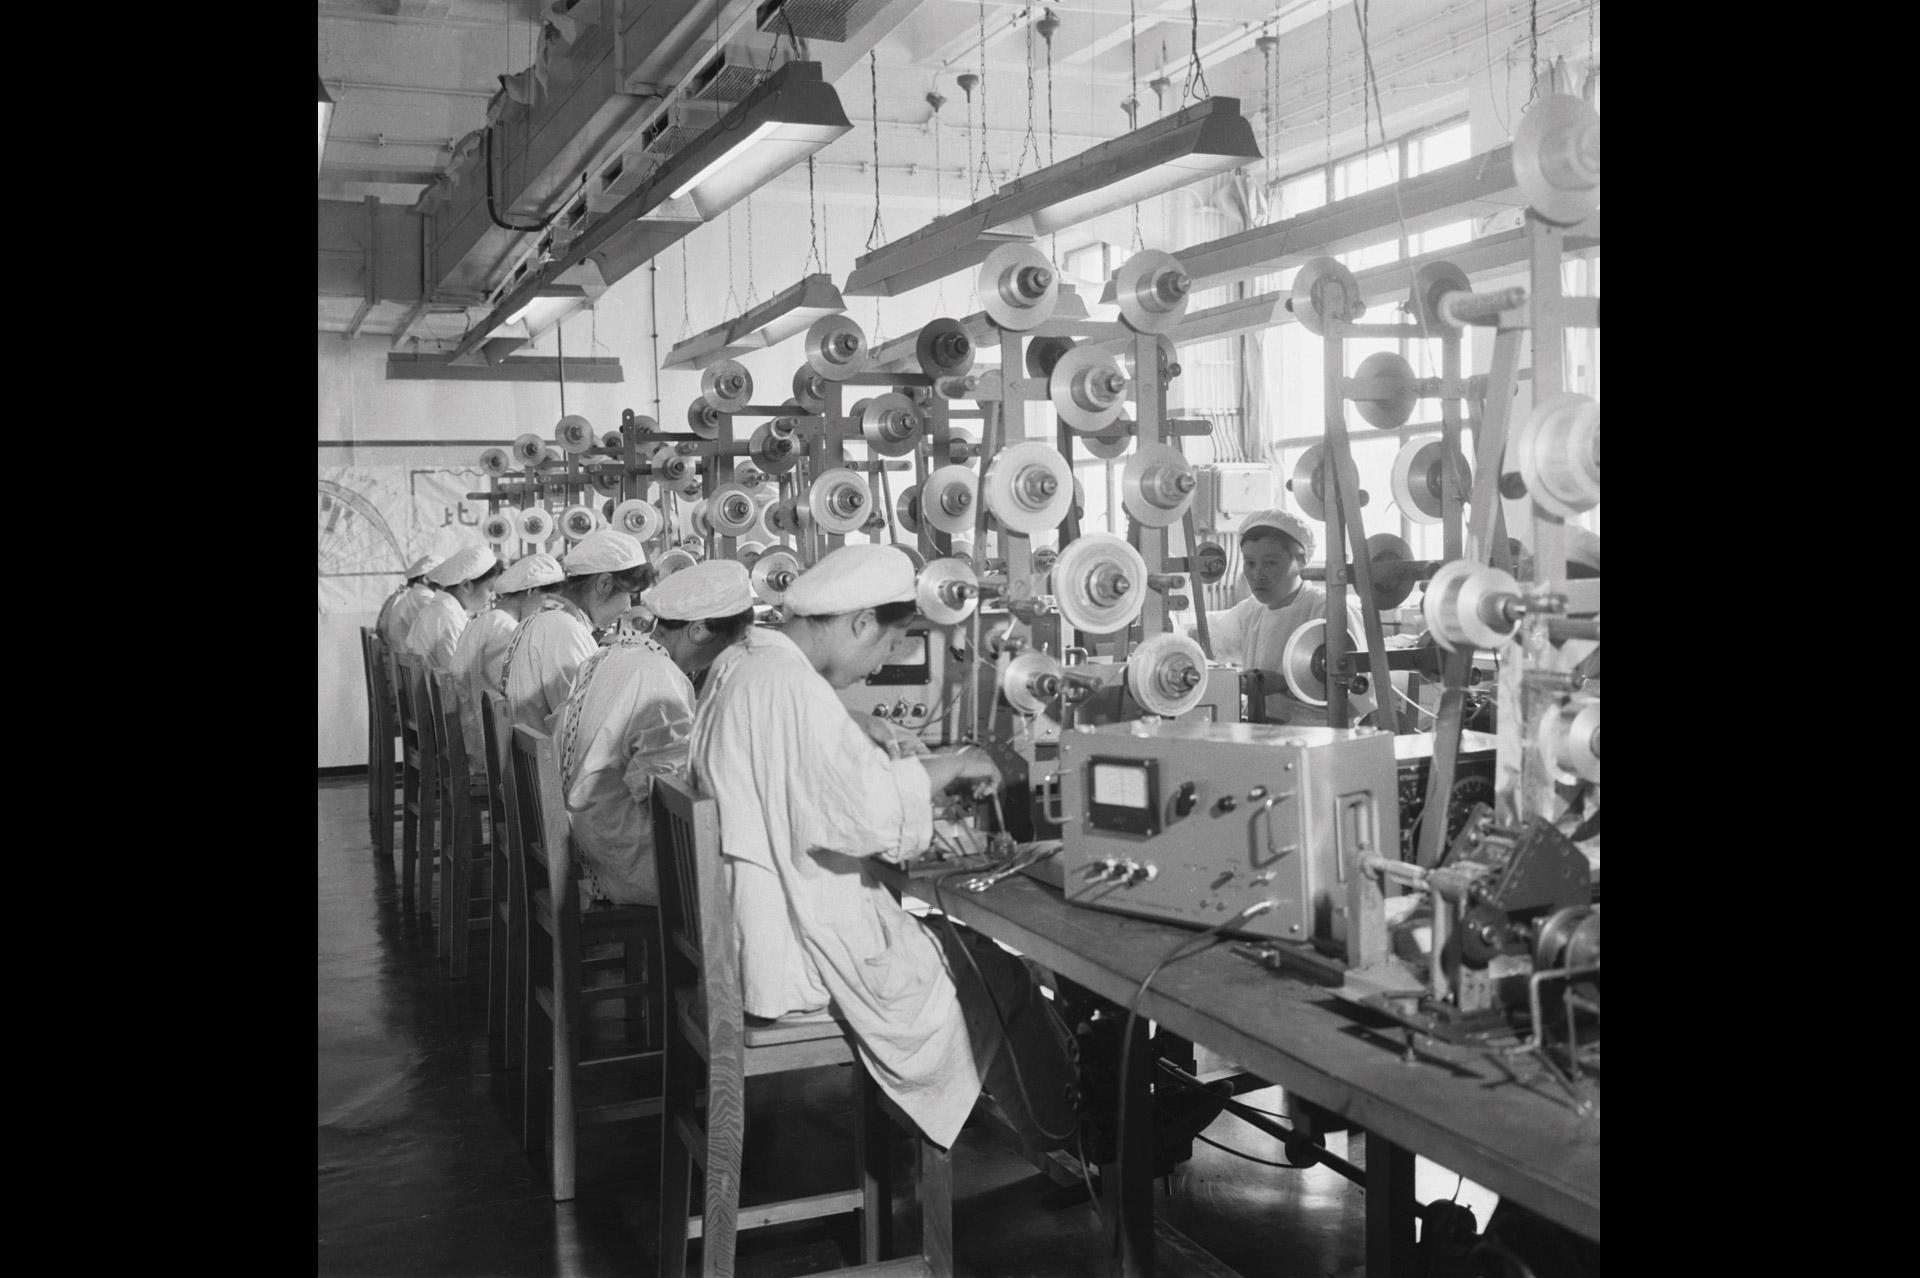 798 une usine modèle